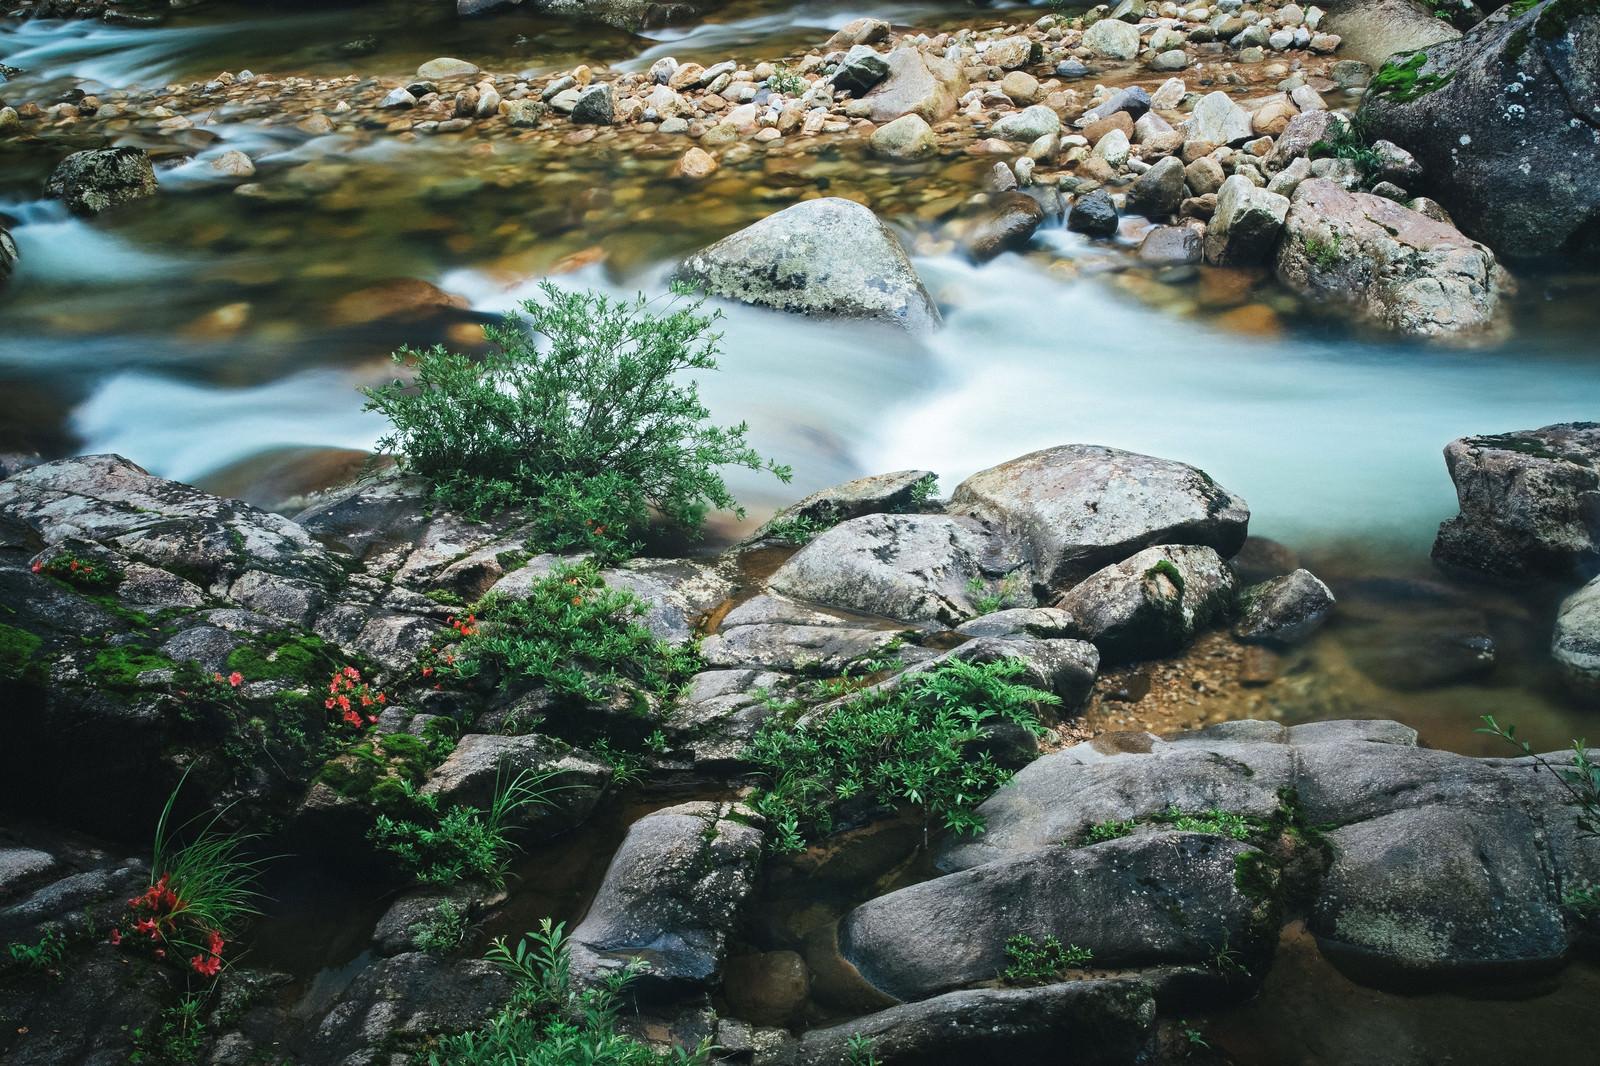 「小戸名の渓流と赤い岩つつじの花 | 写真の無料素材・フリー素材 - ぱくたそ」の写真